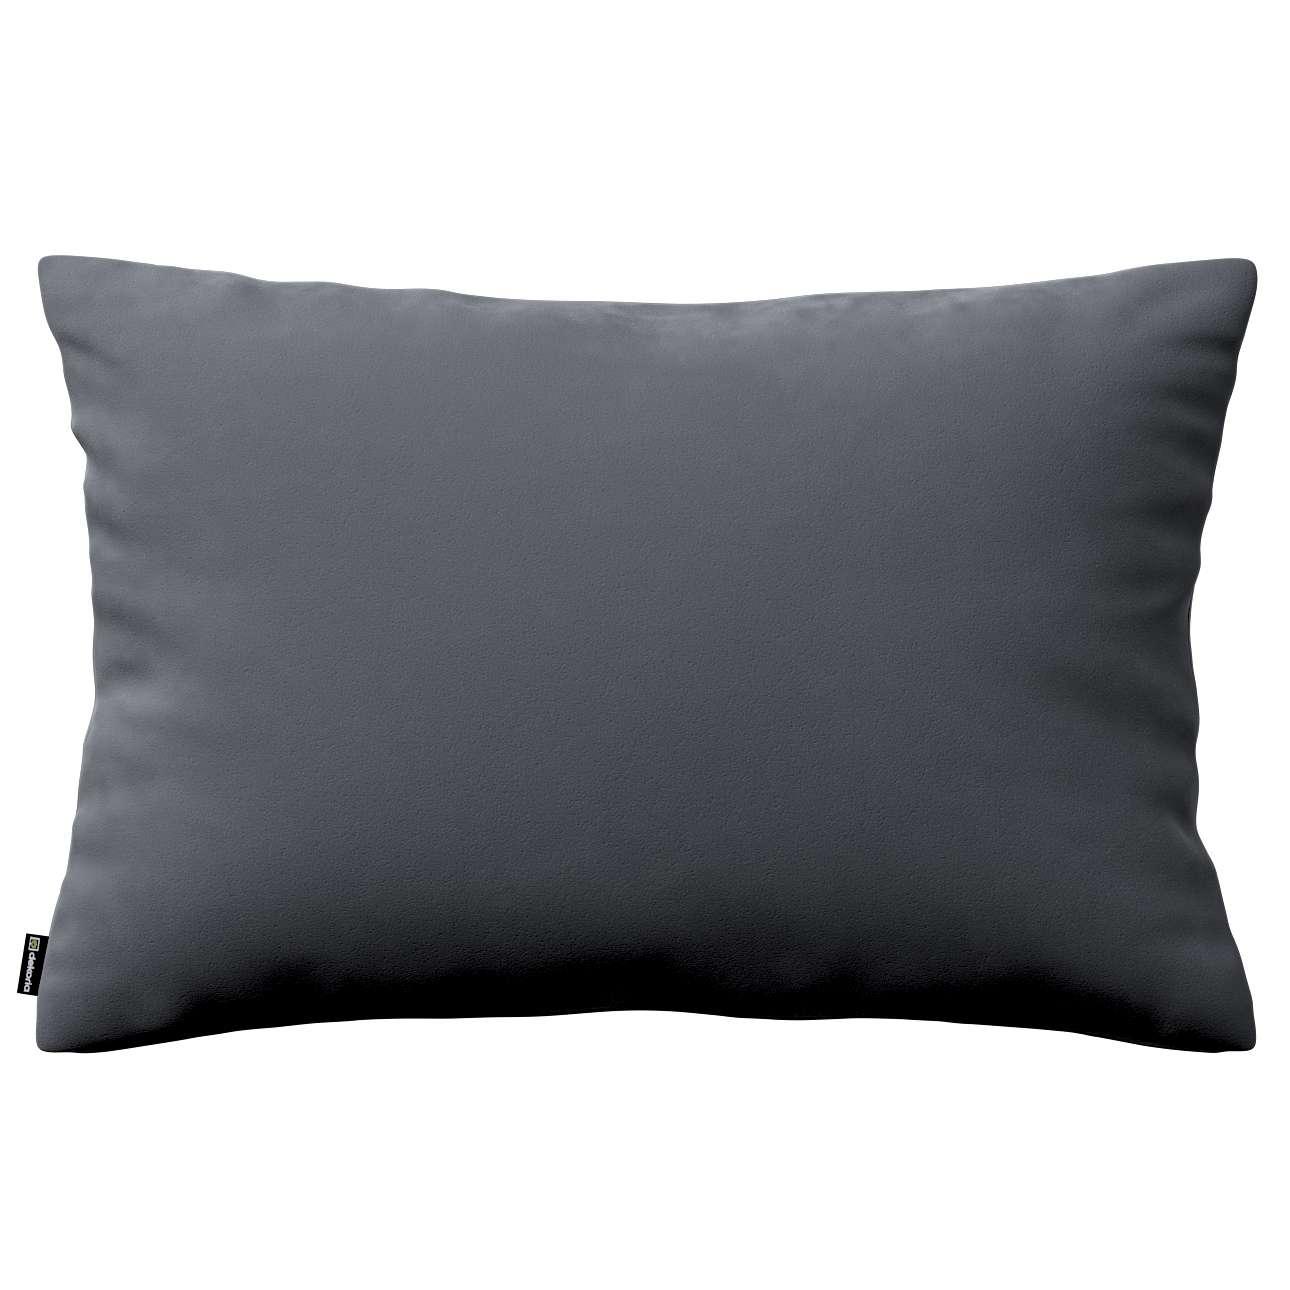 Poszewka Kinga na poduszkę prostokątną w kolekcji Velvet, tkanina: 704-12